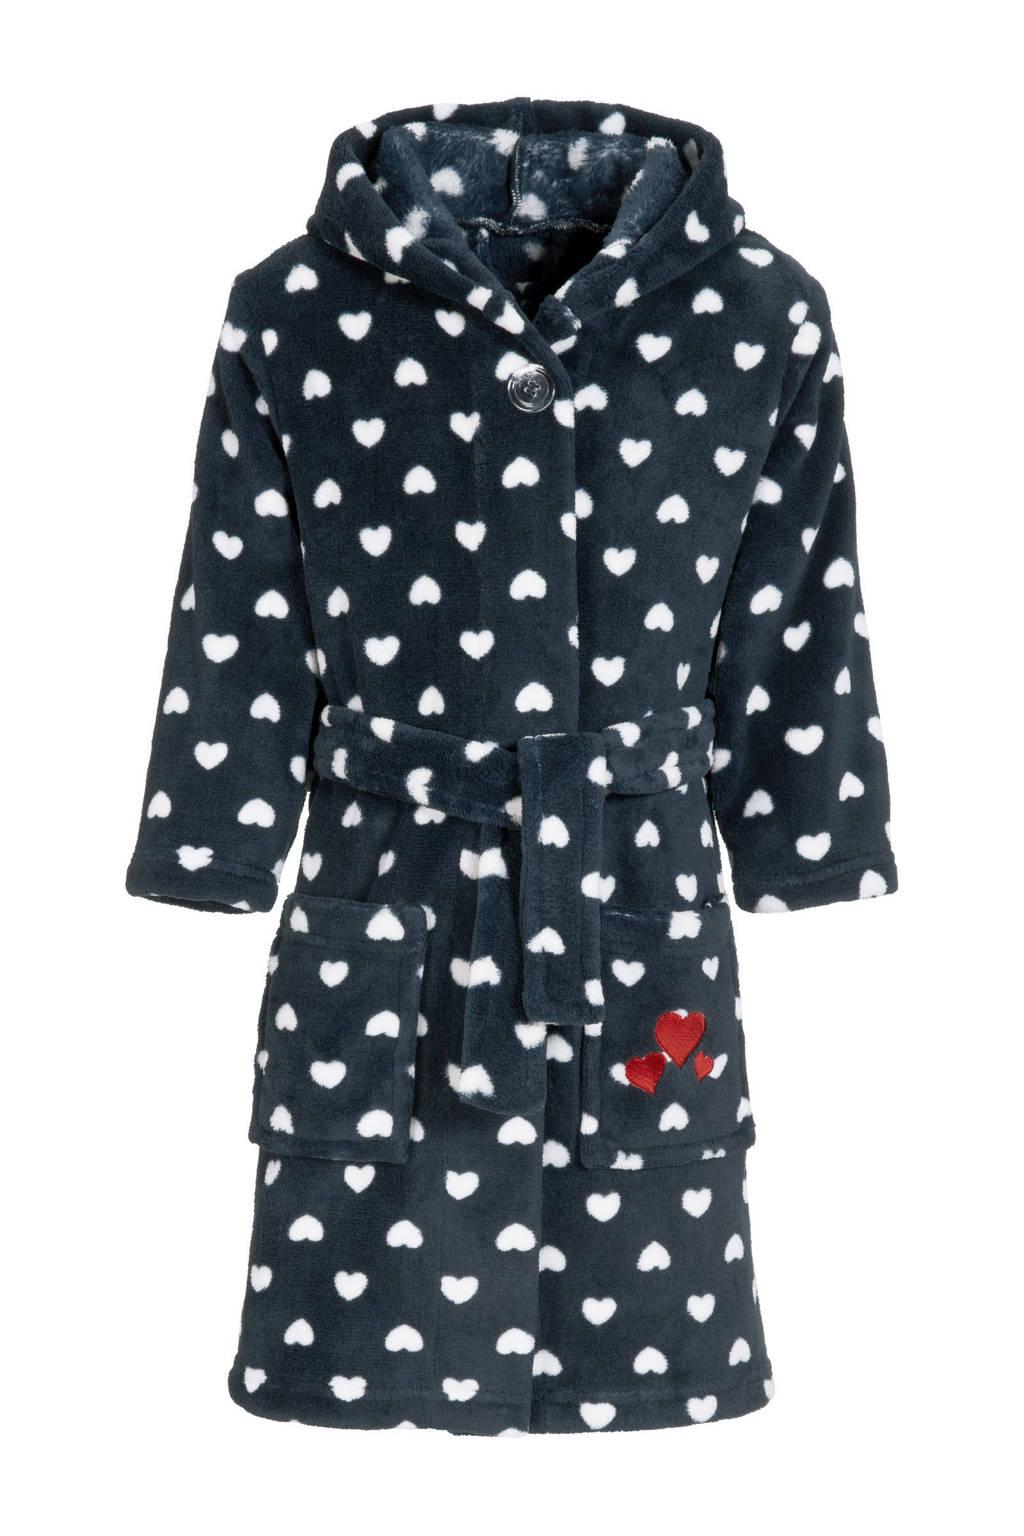 Playshoes fleece badjas Hearts met hartjes donkerblauw/wit, Donkerblauw/wit